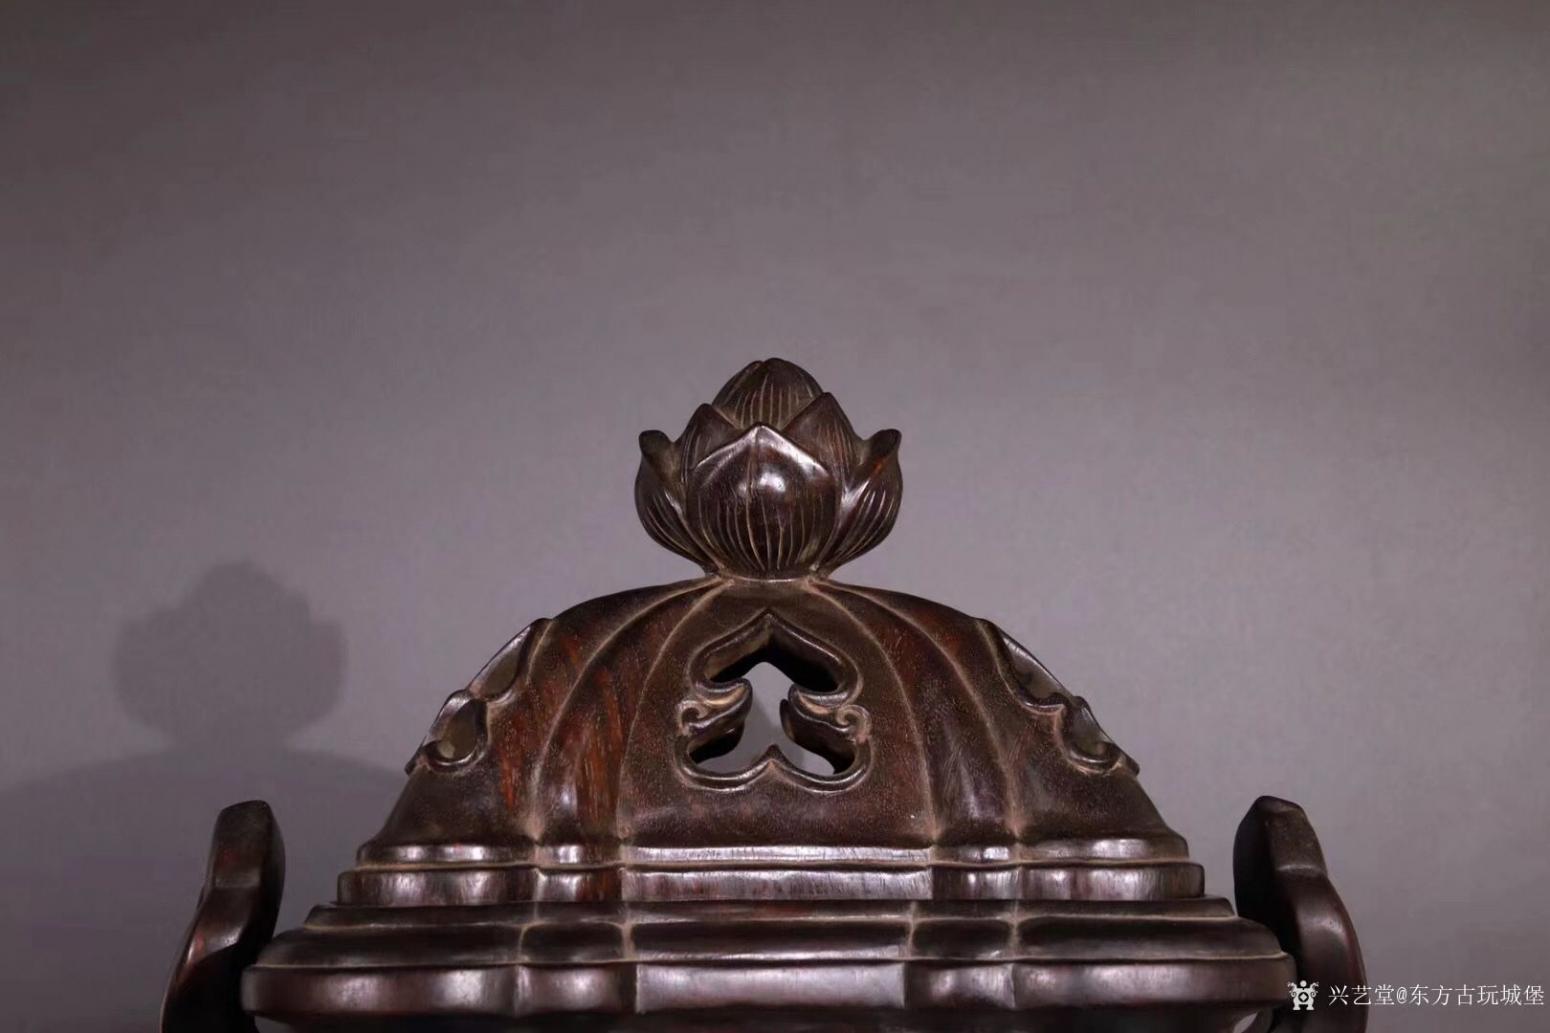 东方古玩城堡雕刻作品《紫檀香薰炉》【图1】